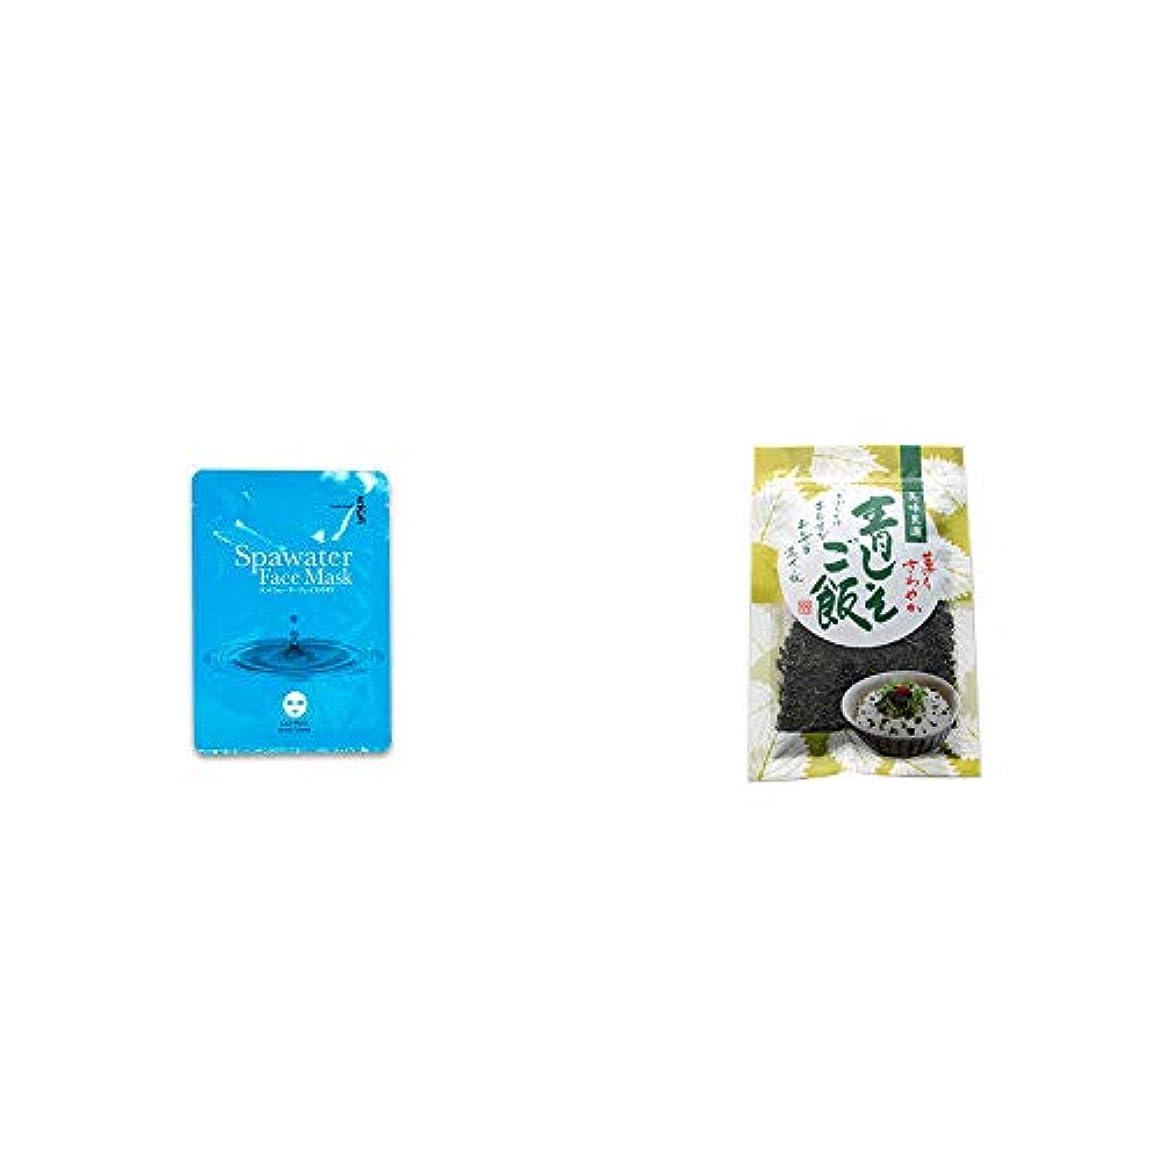 ぐったり能力美容師[2点セット] ひのき炭黒泉 スパウォーターフェイスマスク(18ml×3枚入)・薫りさわやか 青しそご飯(80g)